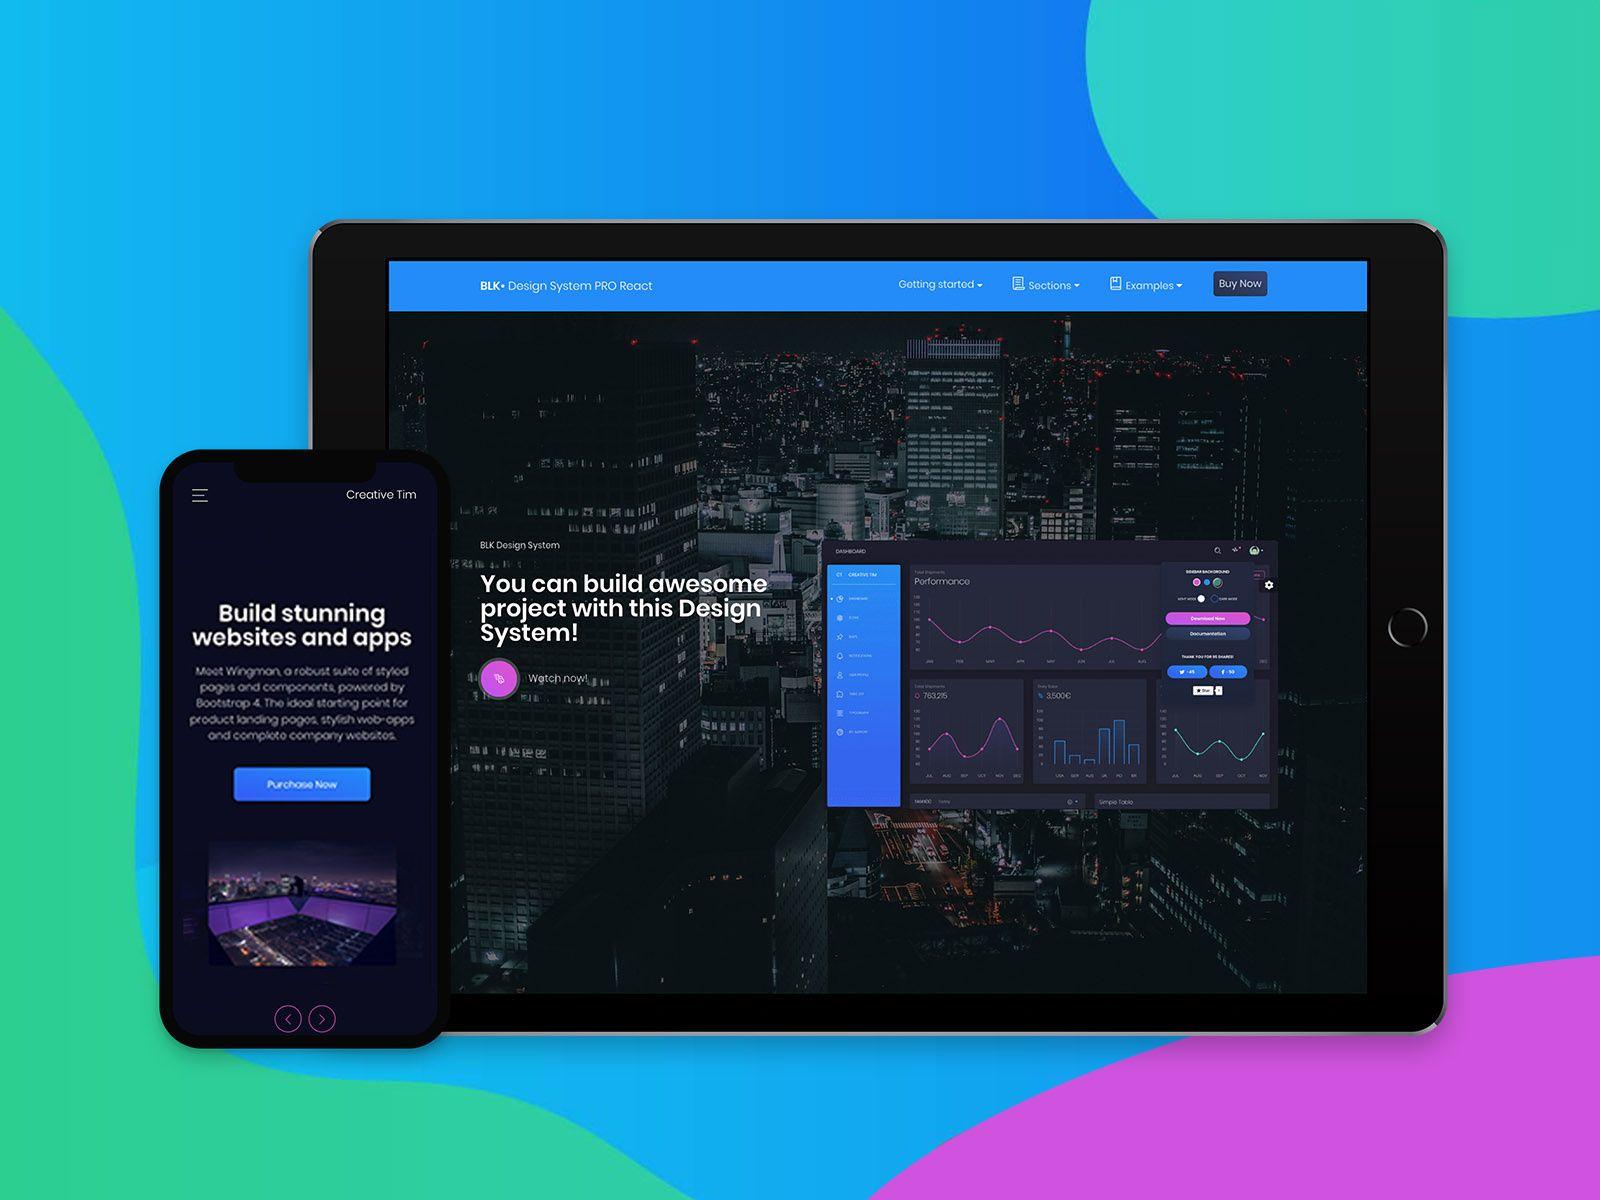 Blk Design System Pro React Design System Web Design Resources Design